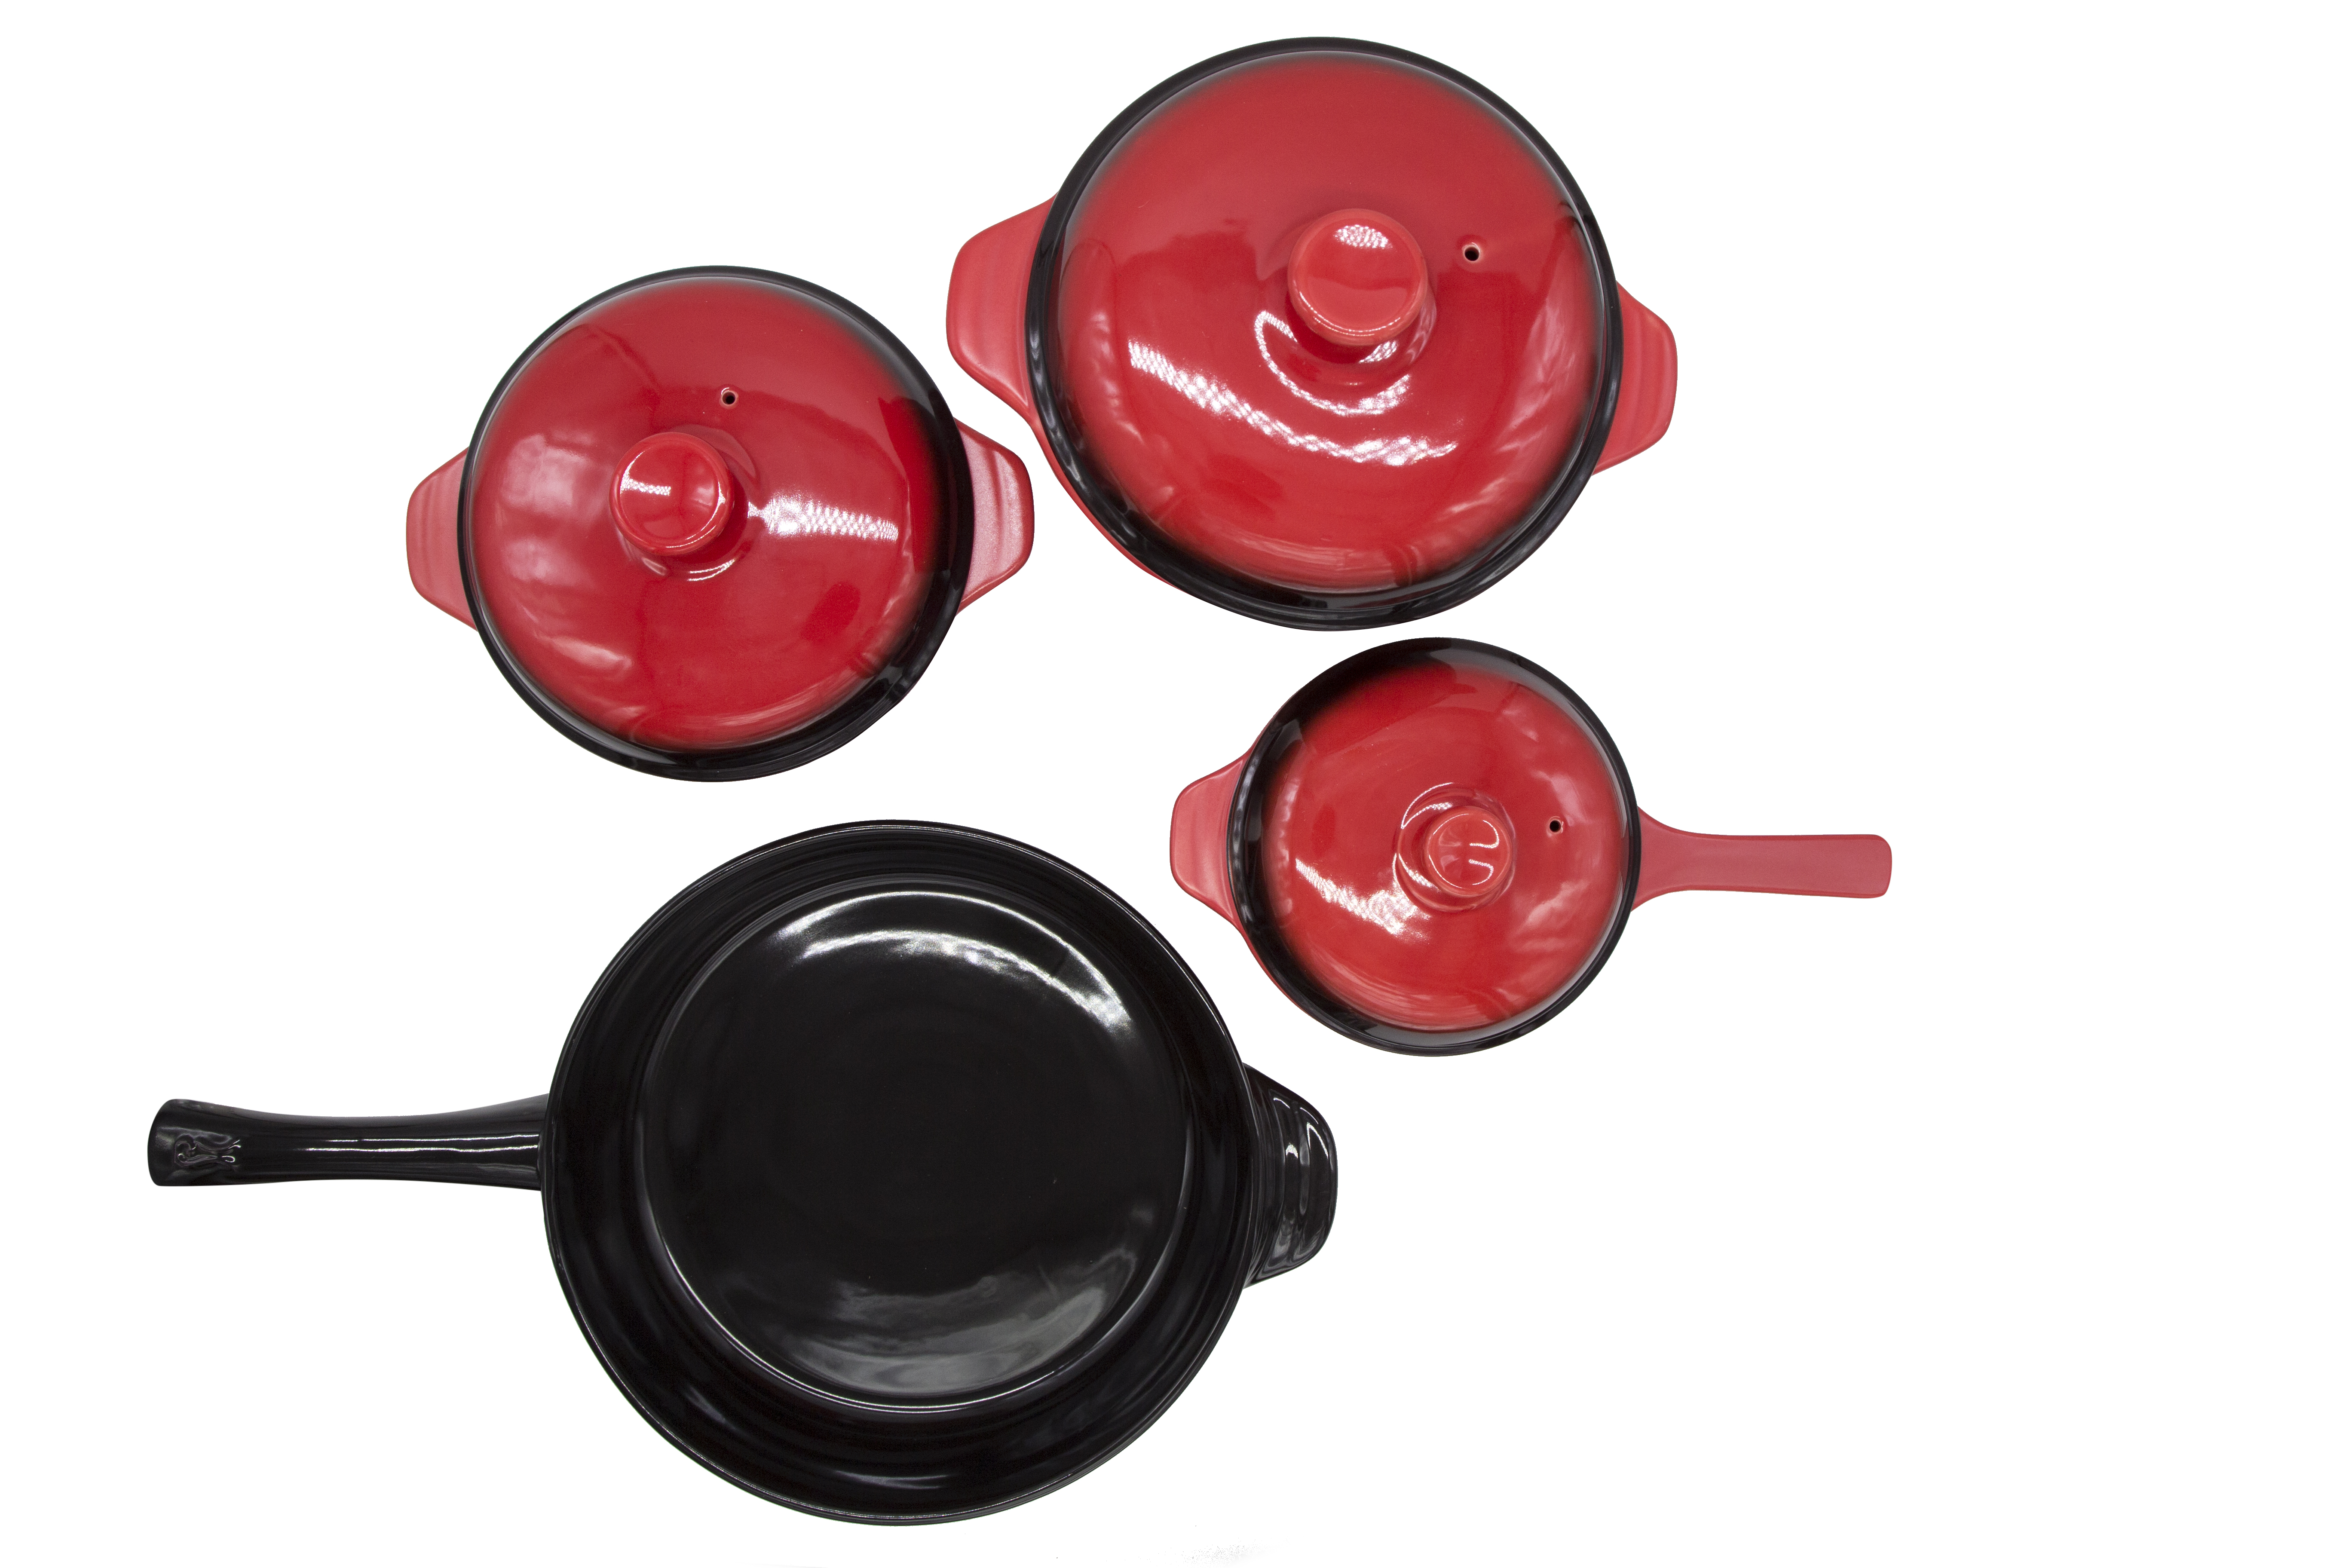 Combo Bộ 3 nồi sứ Red Candy + Chảo sứ tròn phi 33cm Royalcooks